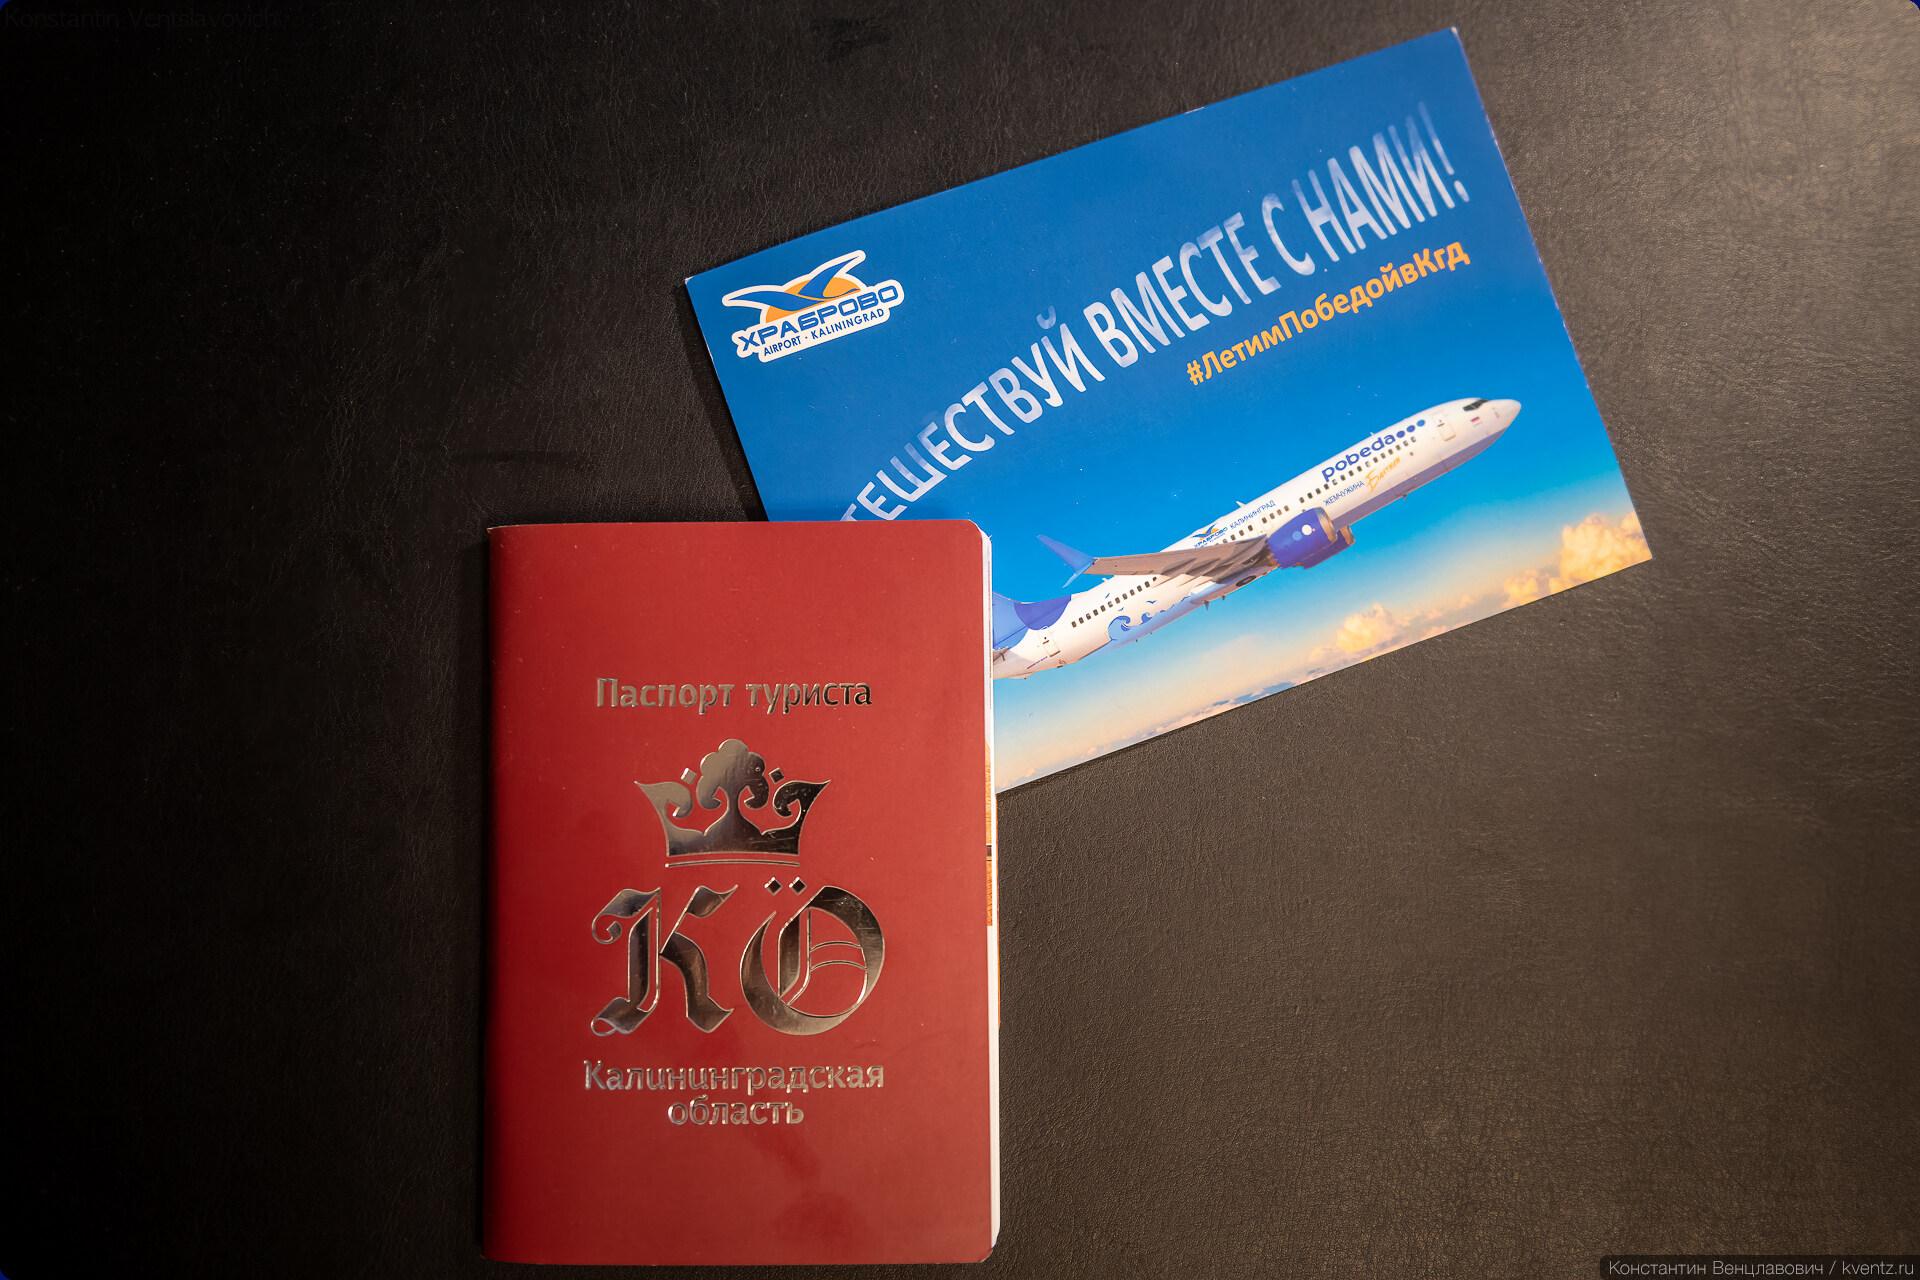 11. Всем прилетевшим у трапа выдали отличный путеводитель ко Калининграду в виде шуточного «паспорта туриста» и открытку, посвящённую специливрее.